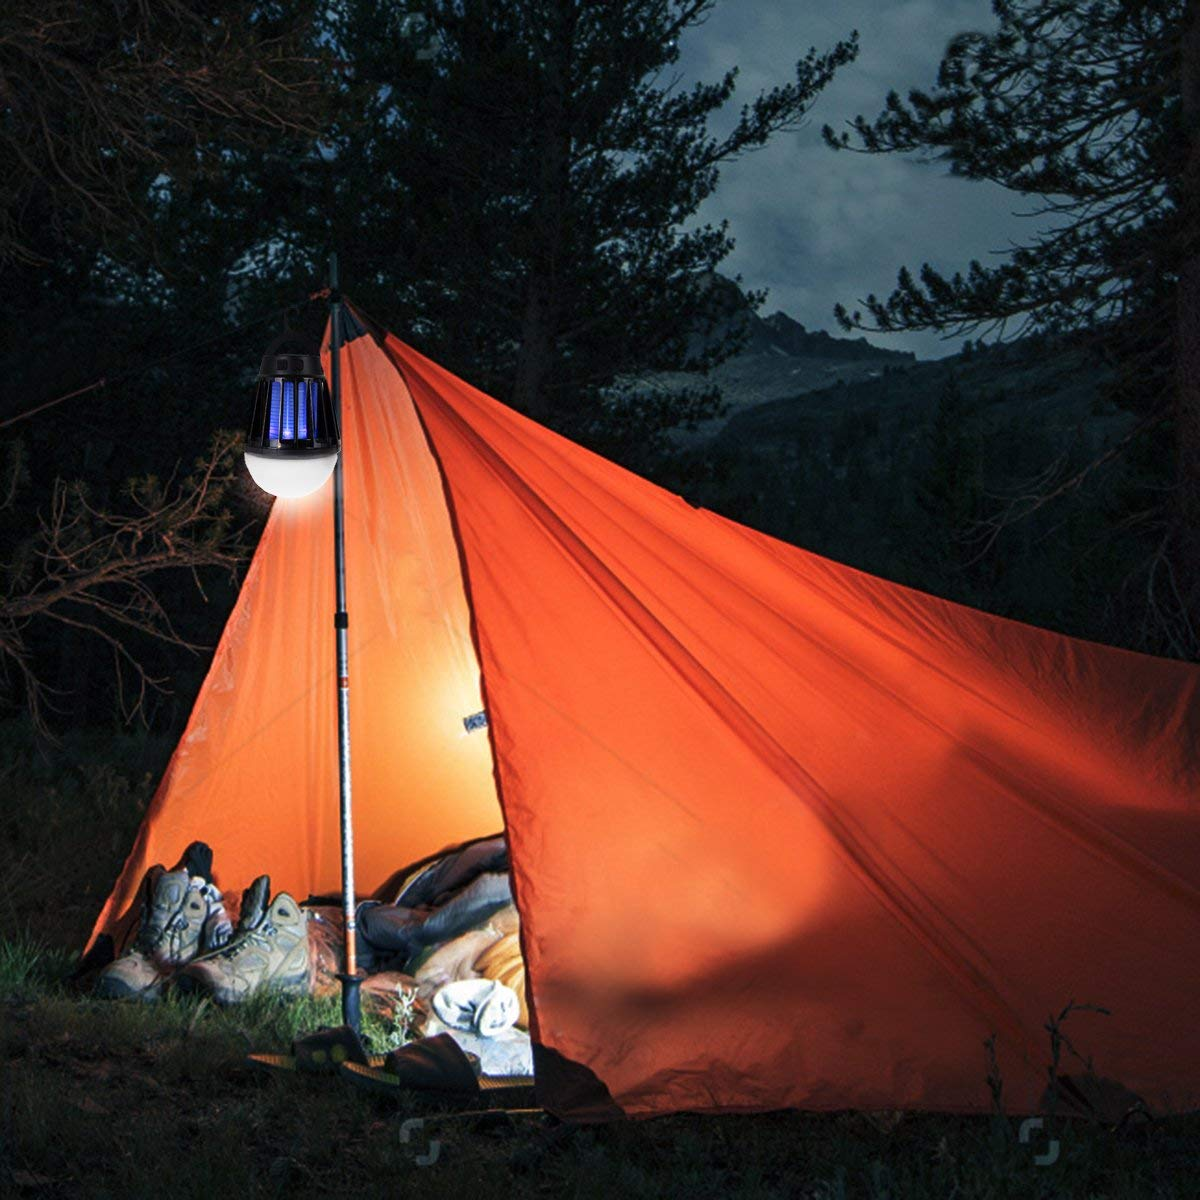 キャンプ用虫除けグッズ・殺虫用品おすすめ8選&選び方